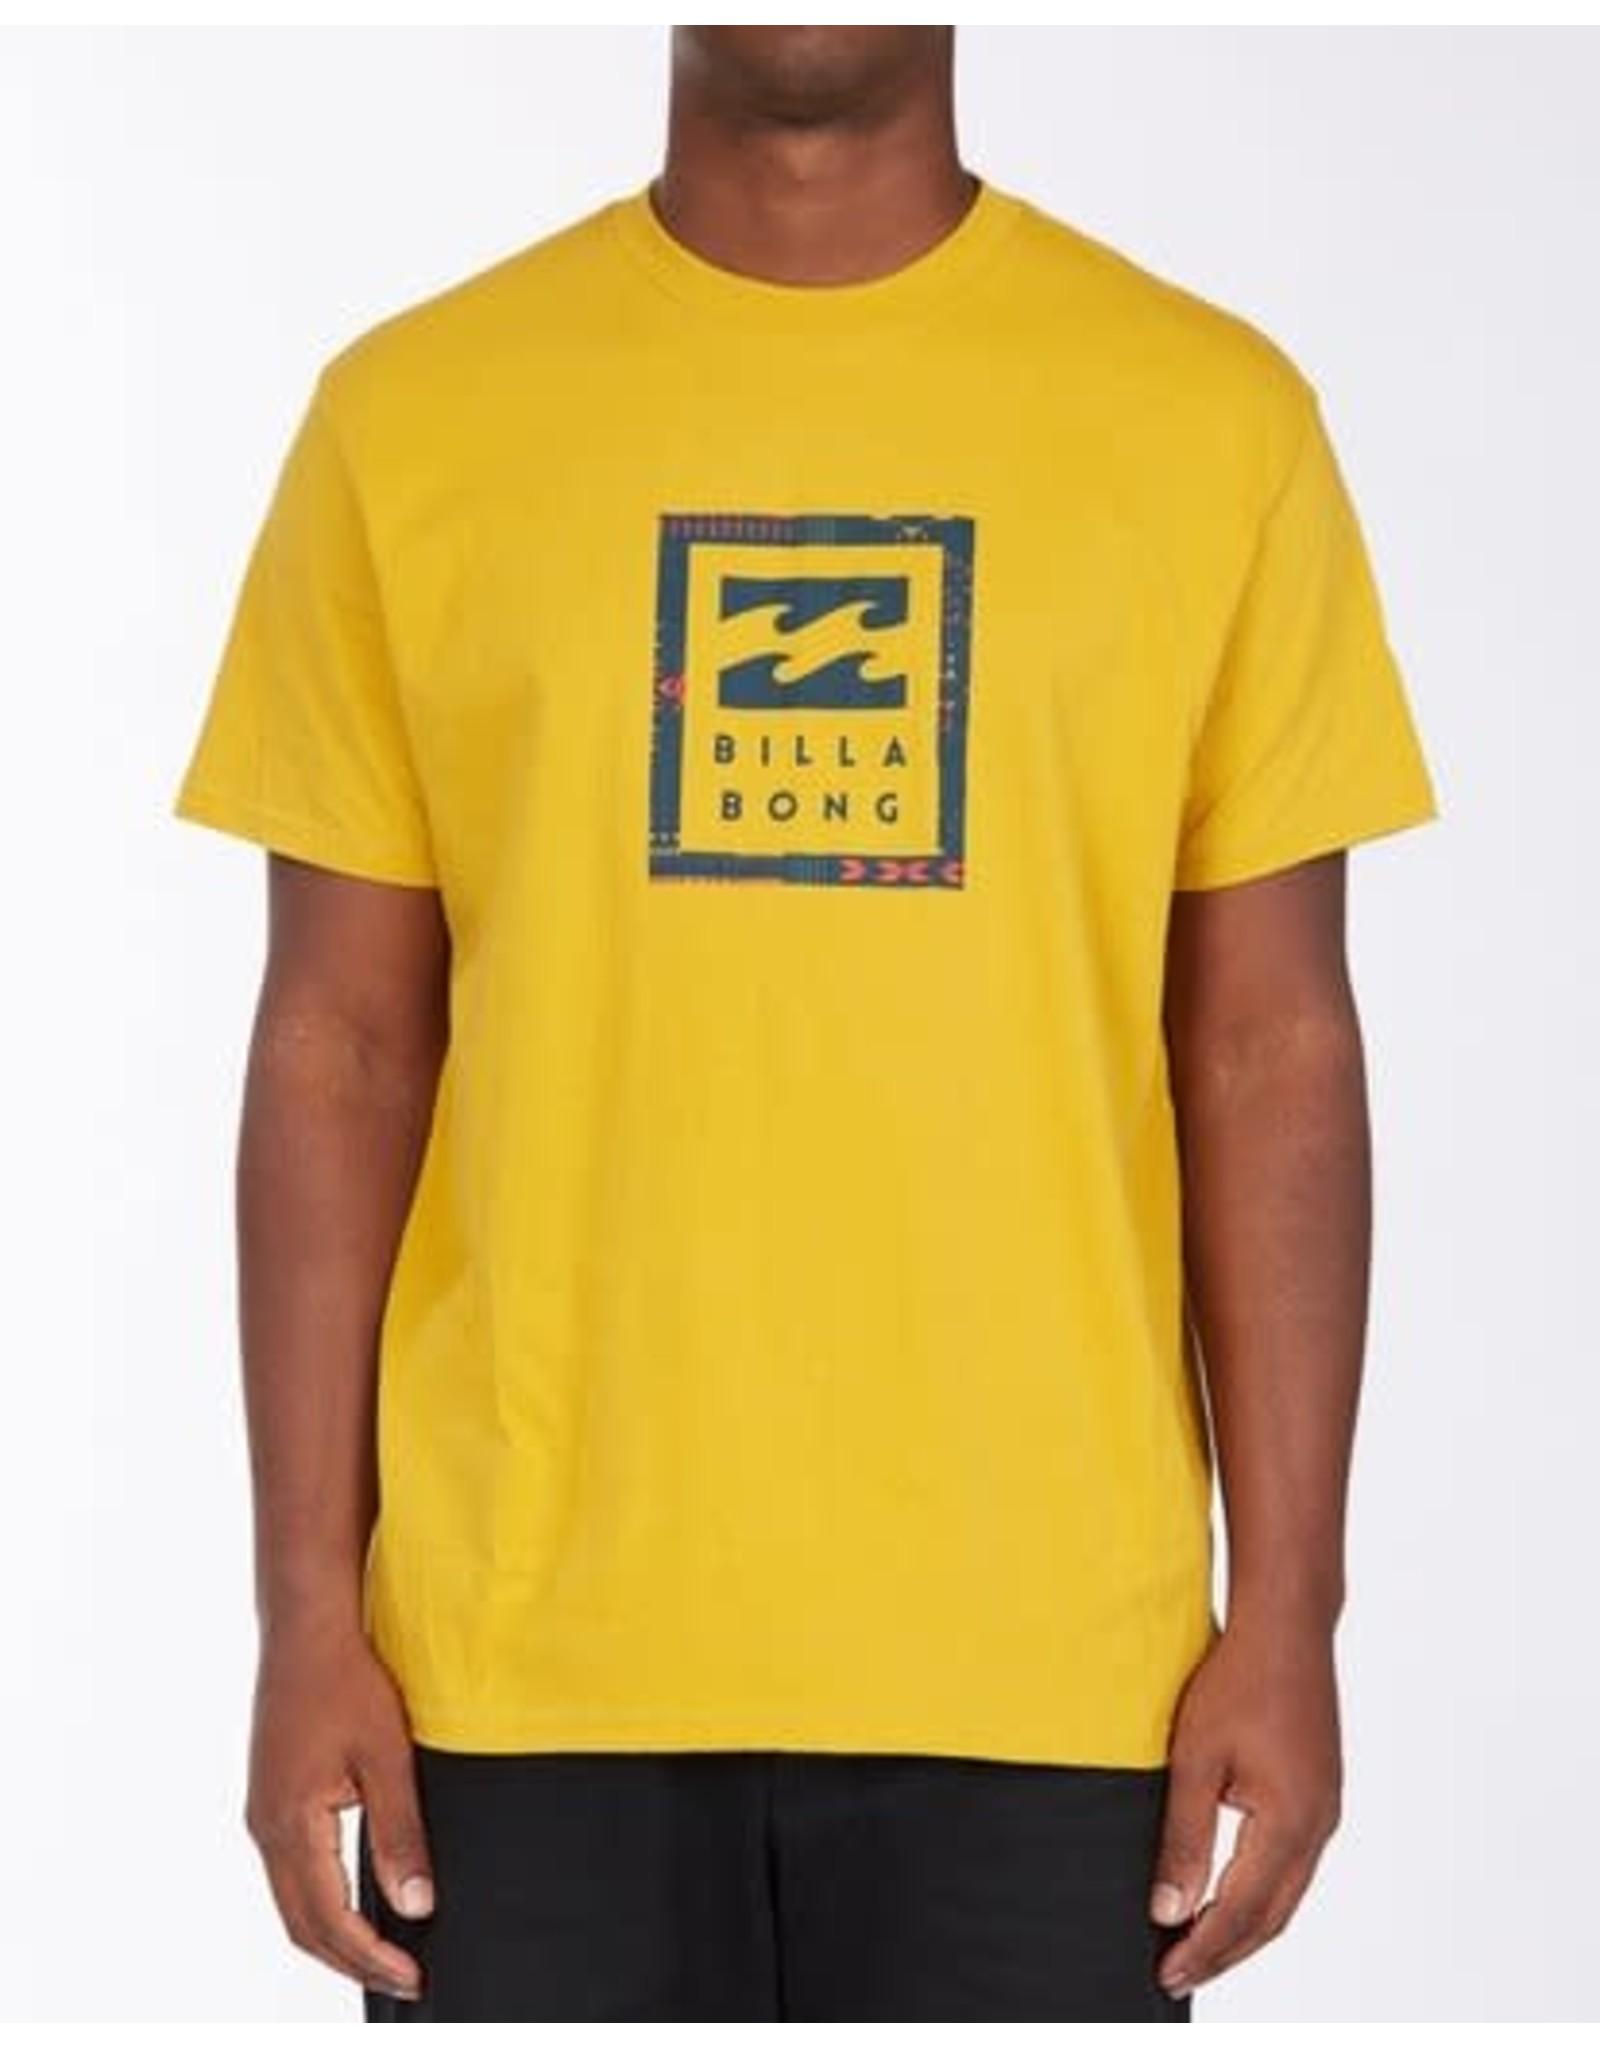 billabong Billabong - T-shirt homme united stacked mustard